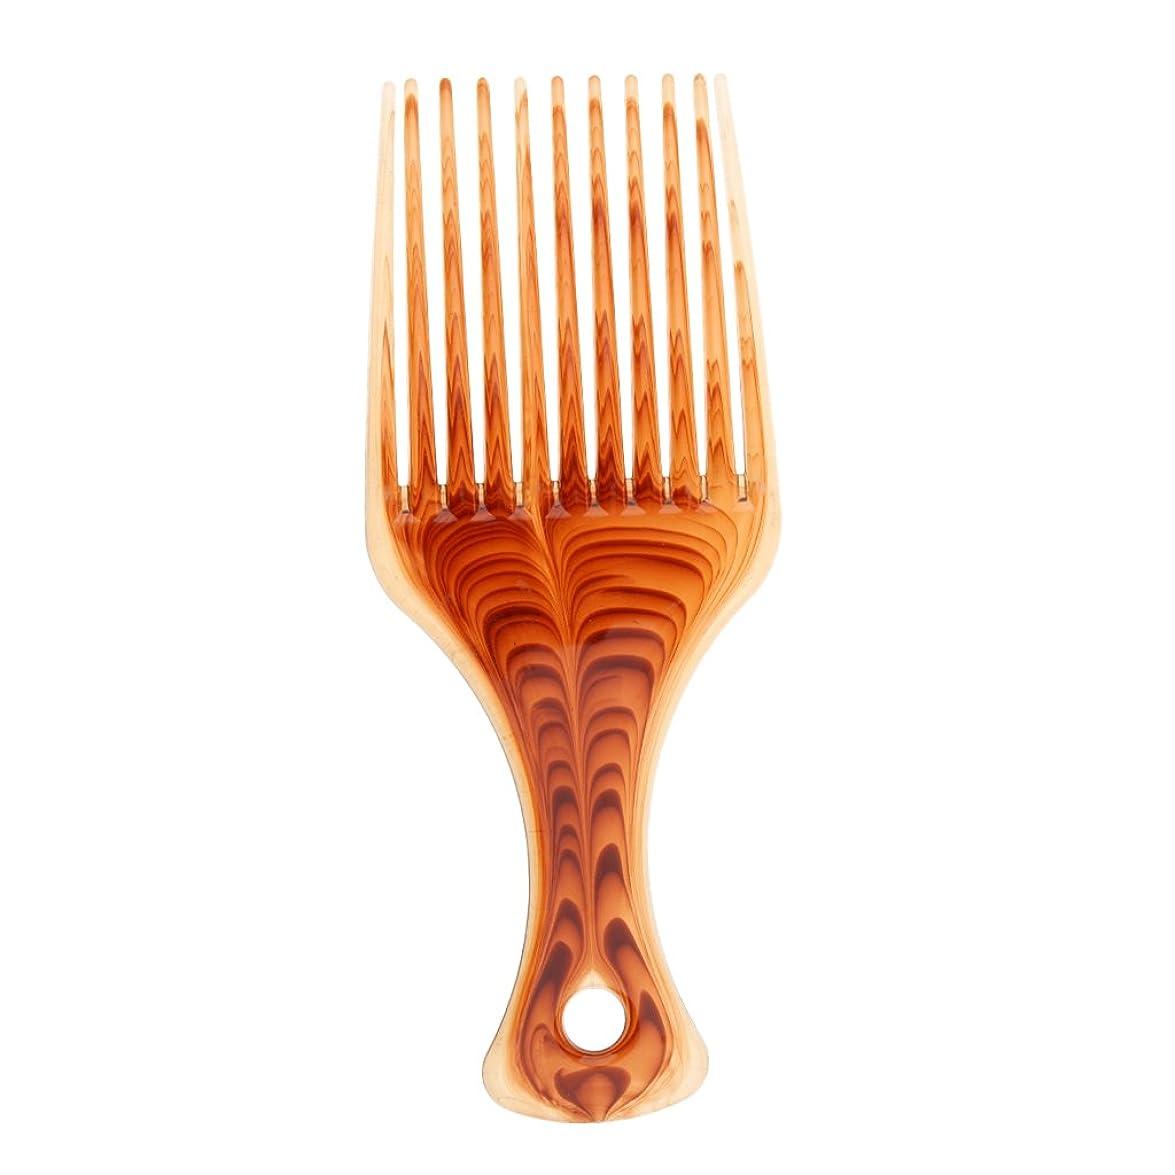 したい作り上げる同時ヘアブラシ ヘアコーム くし プラスチック製 アフロ 髪の櫛 持ち上げ ヘアブラシ